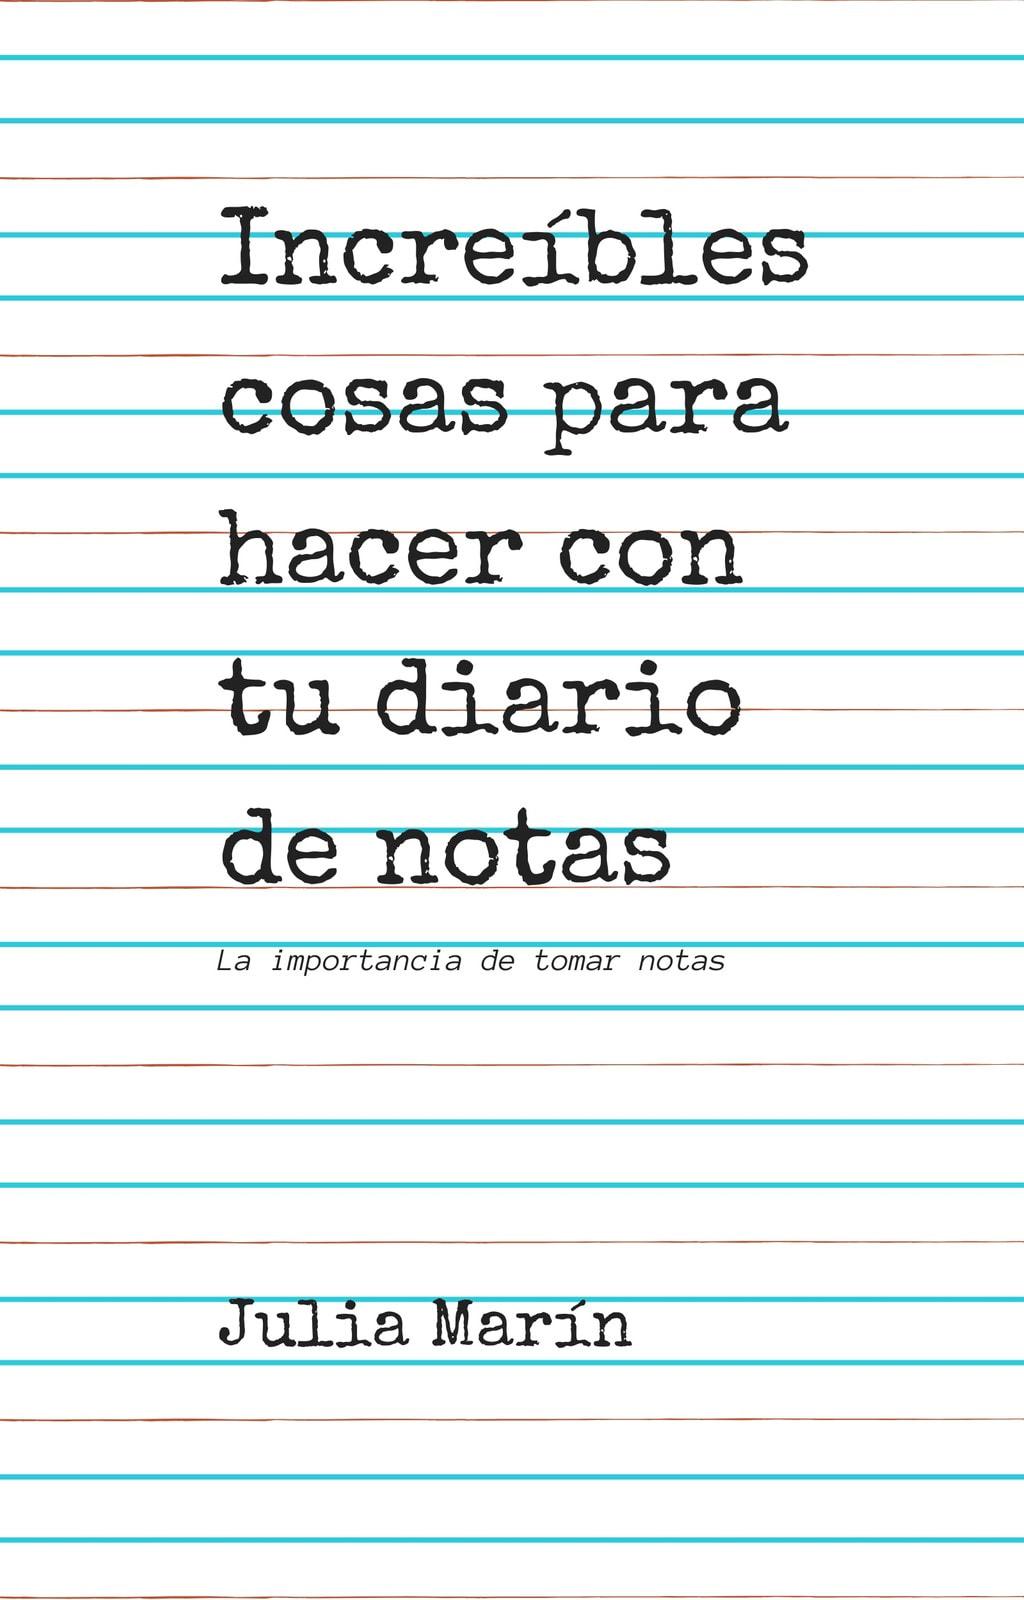 Portada de Libro con Cuaderno a Rayas Blanco